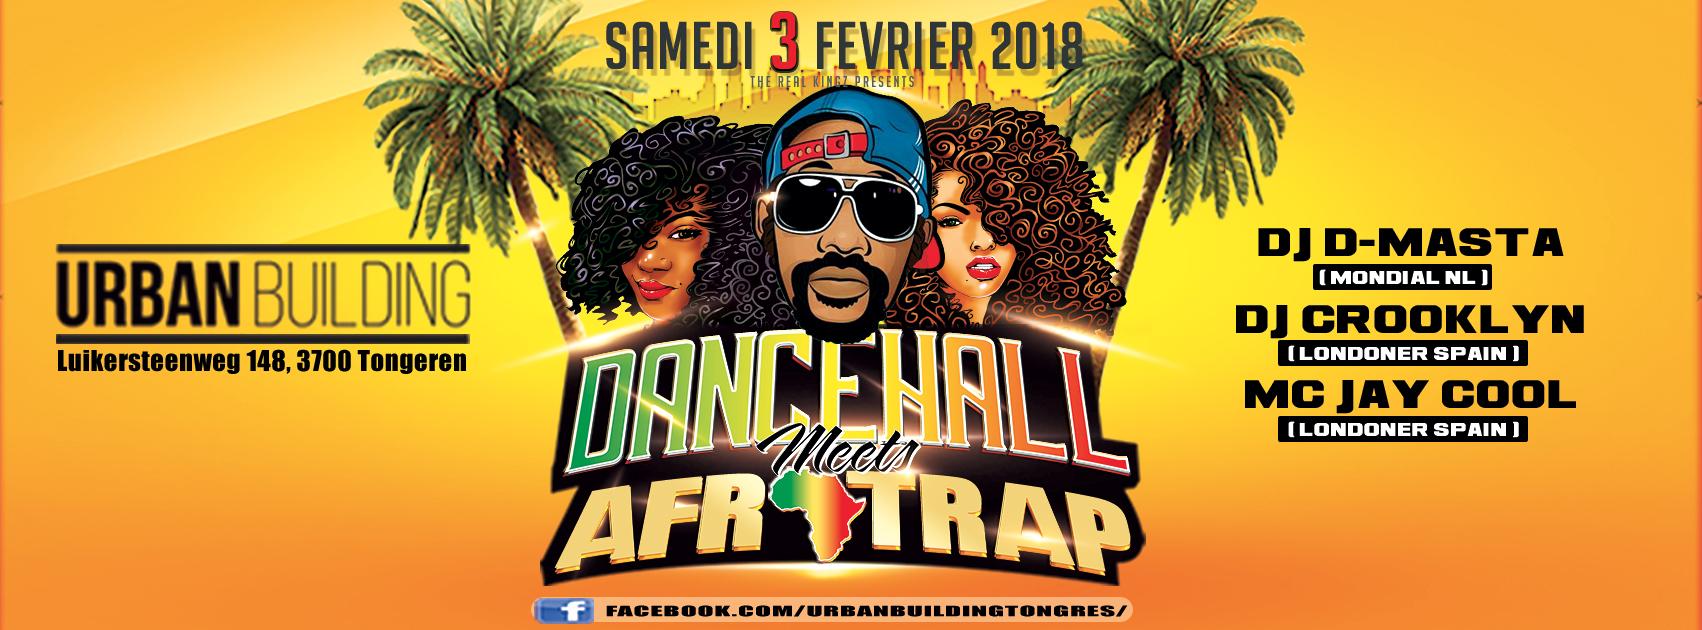 DANCEHALL meets AFRO-TRAP vendredi 3 février 2018